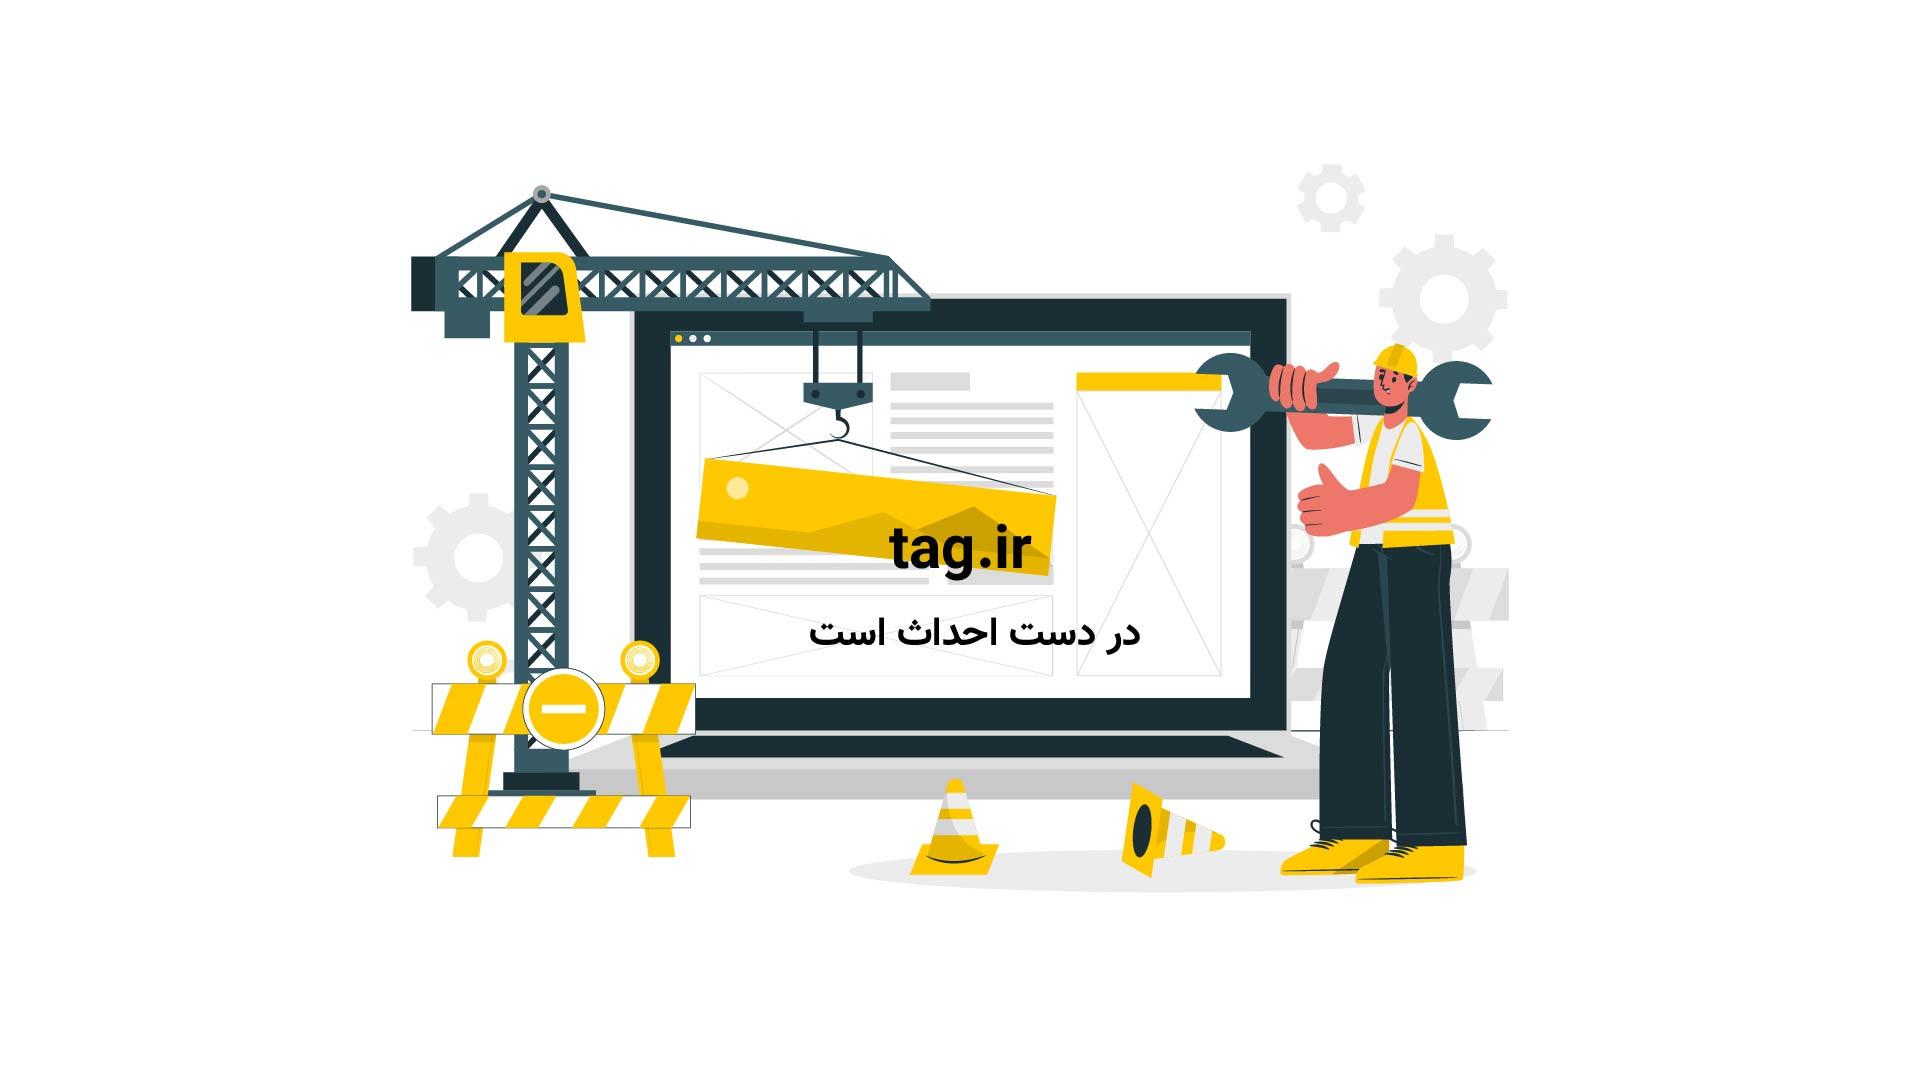 گل آرایی | تگ